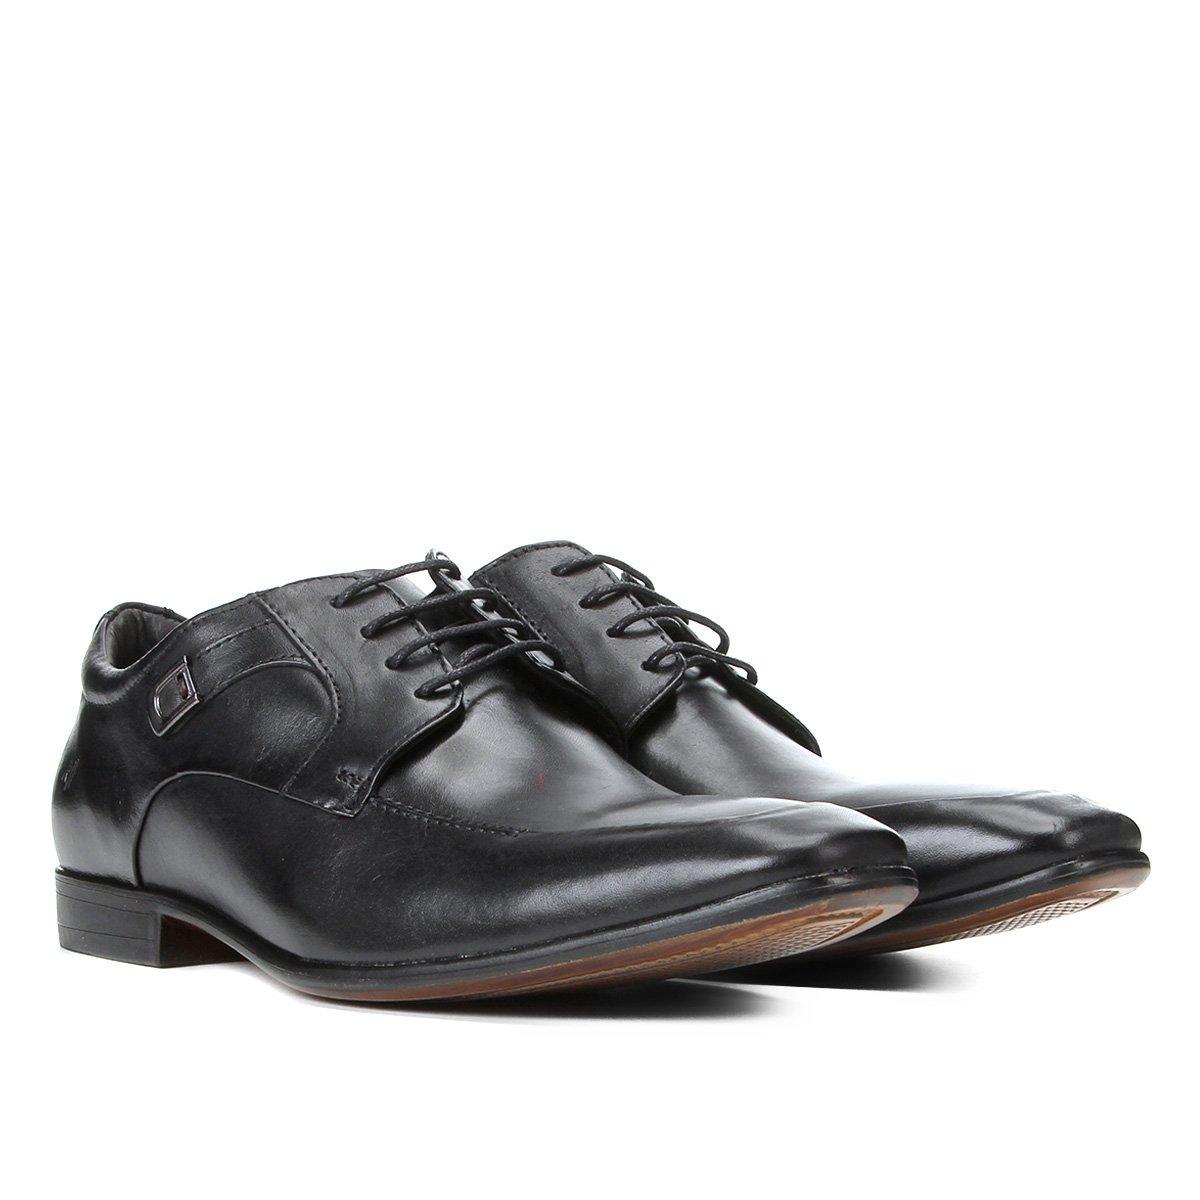 Sapato Social Couro Rafarillo Dubai Cadarço Masculino